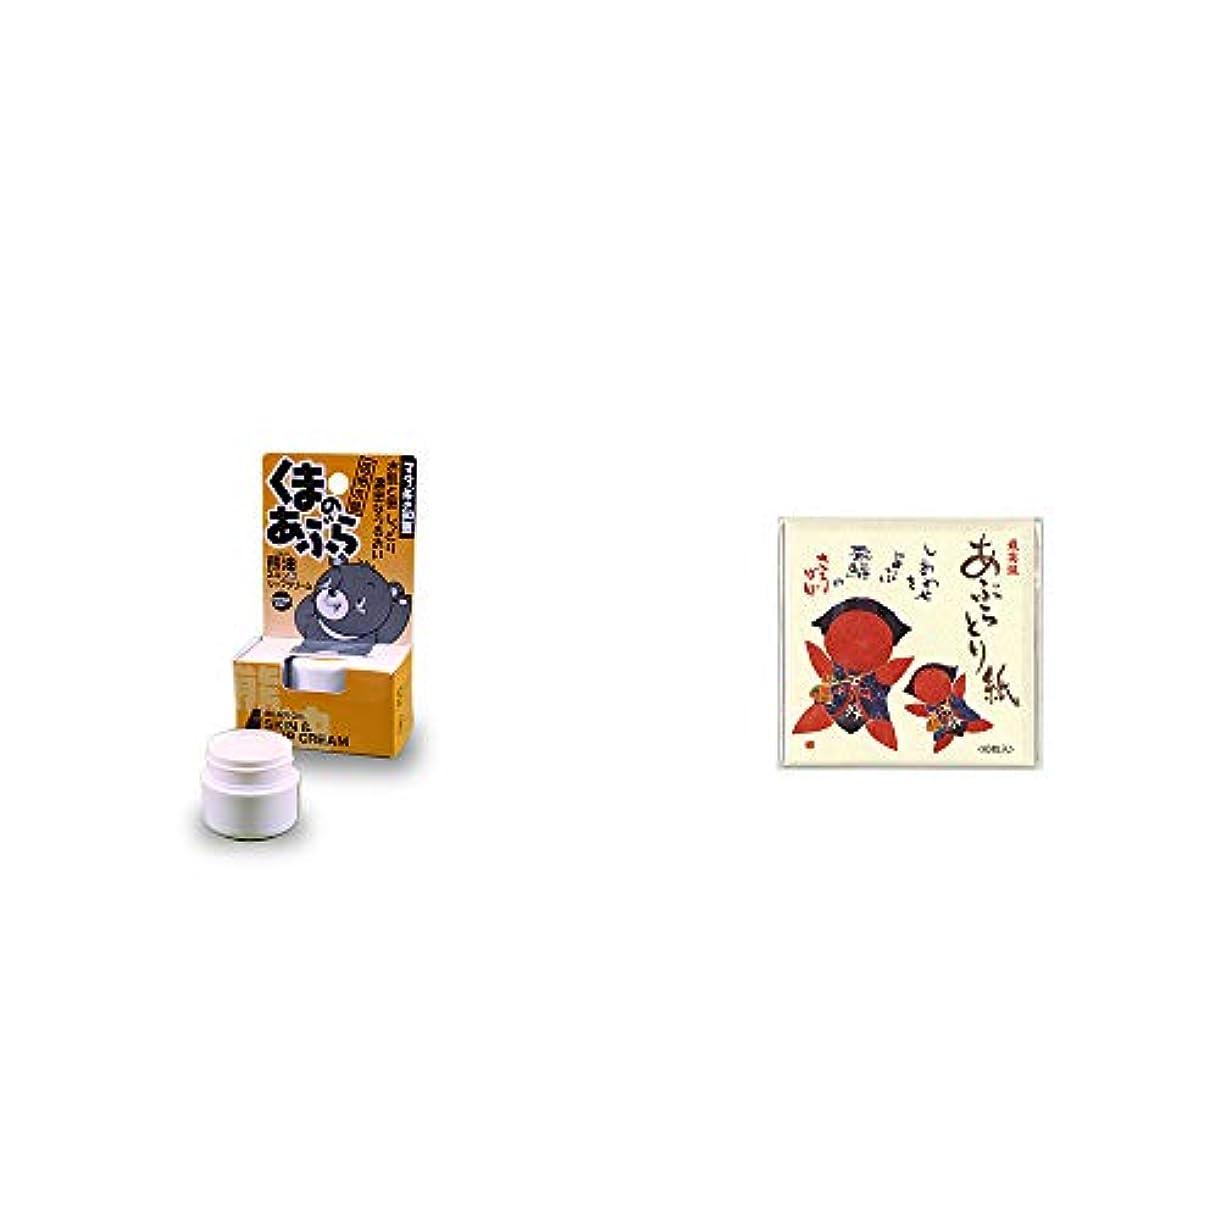 ホステスリーク助けになる[2点セット] 信州木曽 くまのあぶら 熊油スキン&リップクリーム(9g)?さるぼぼ 風水あぶらとり紙【白】